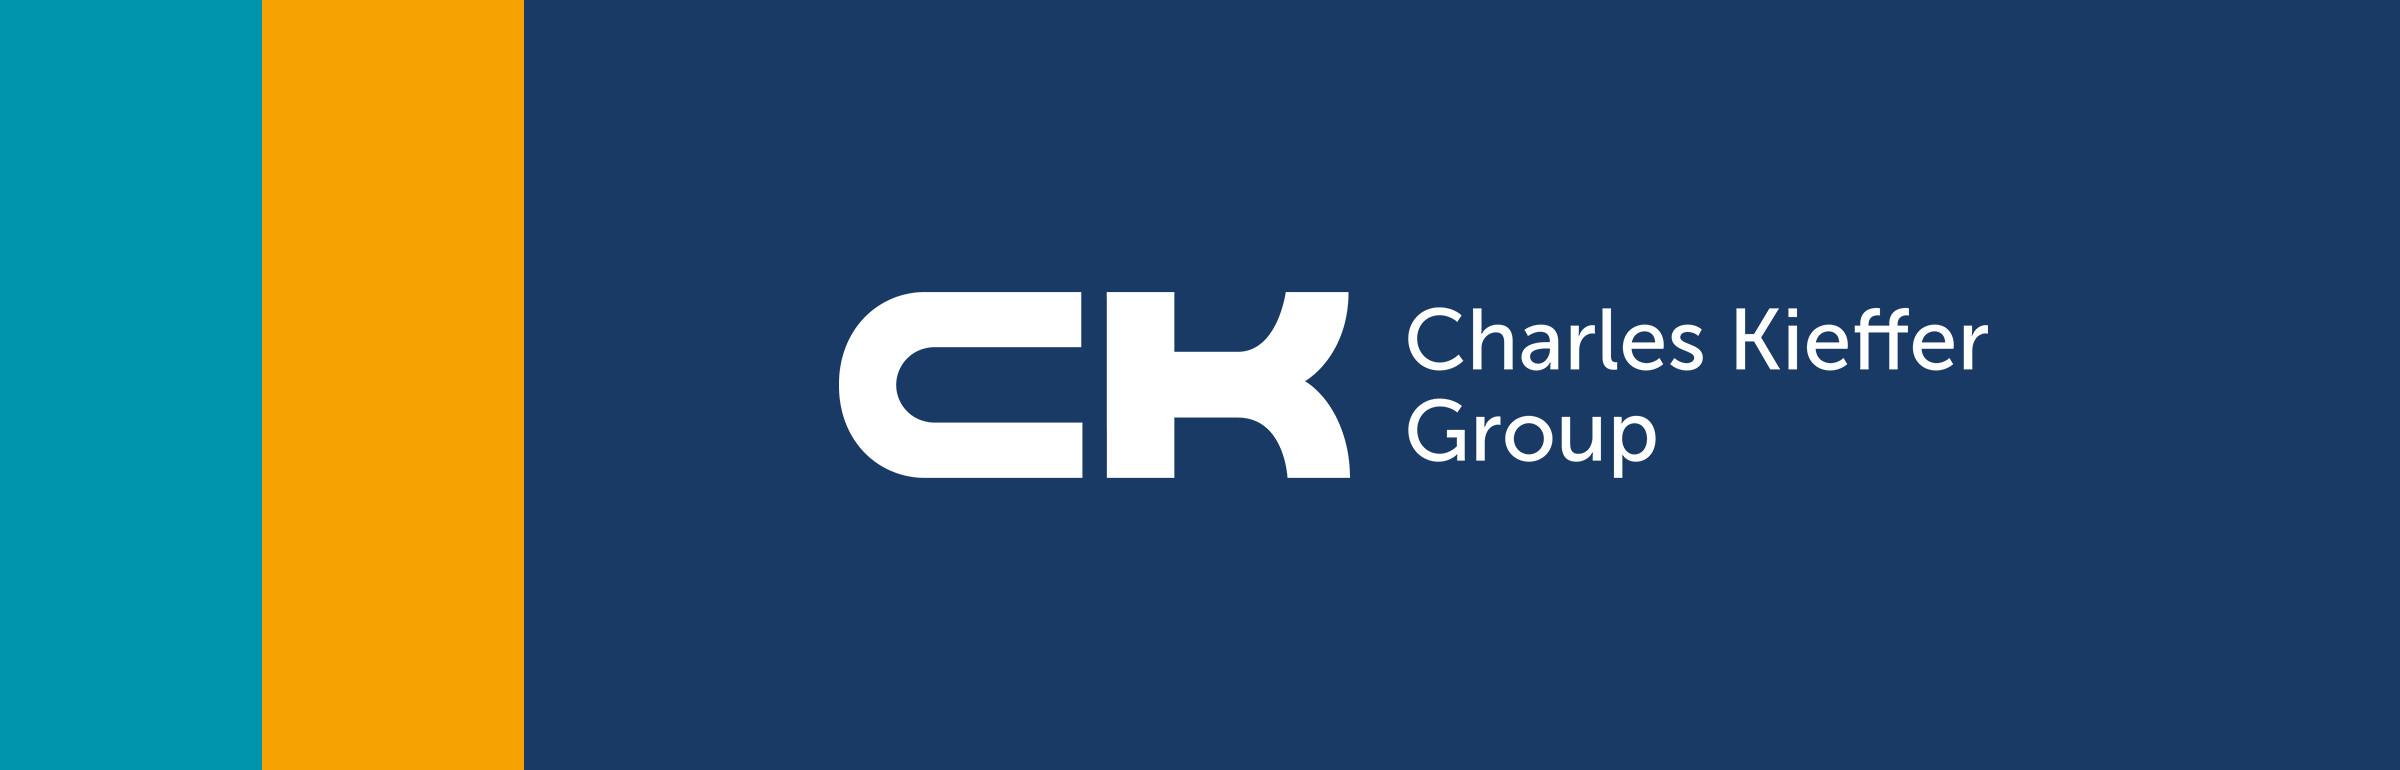 Banner CK - Charles Kieffer Group